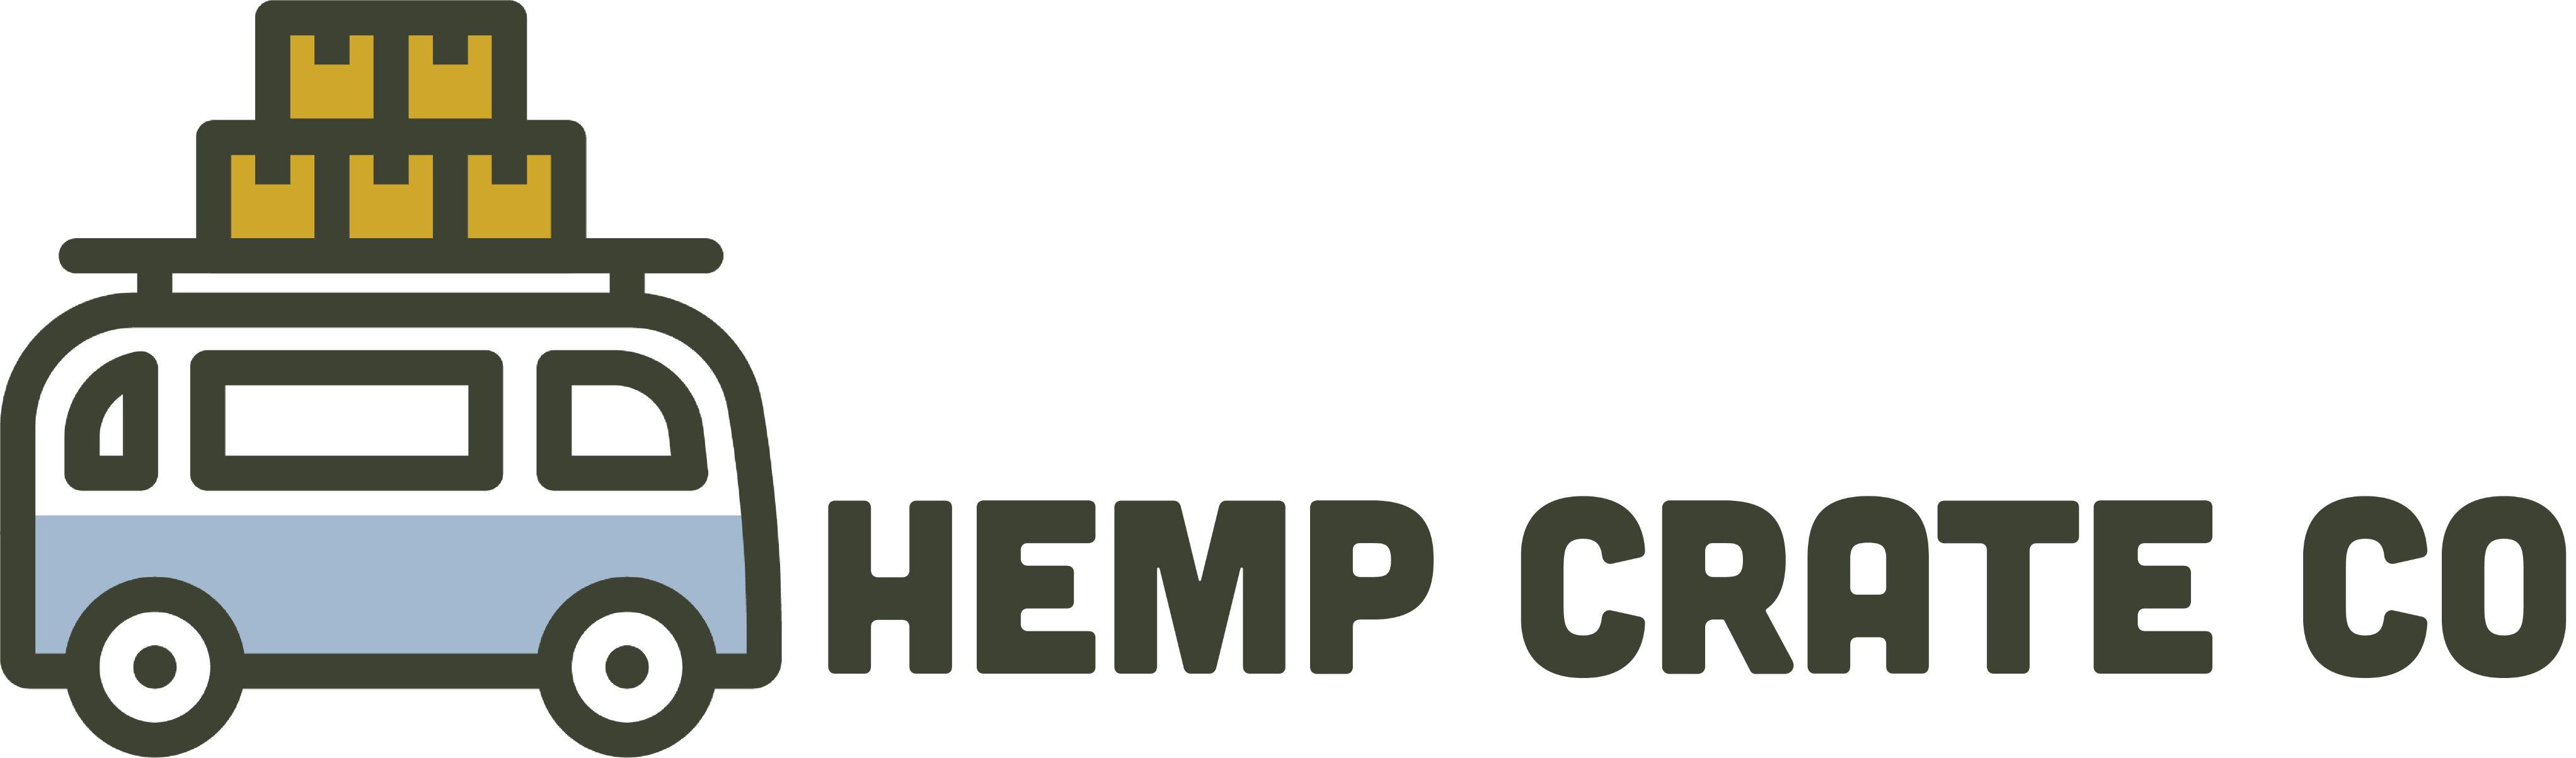 Hemp Crate Co